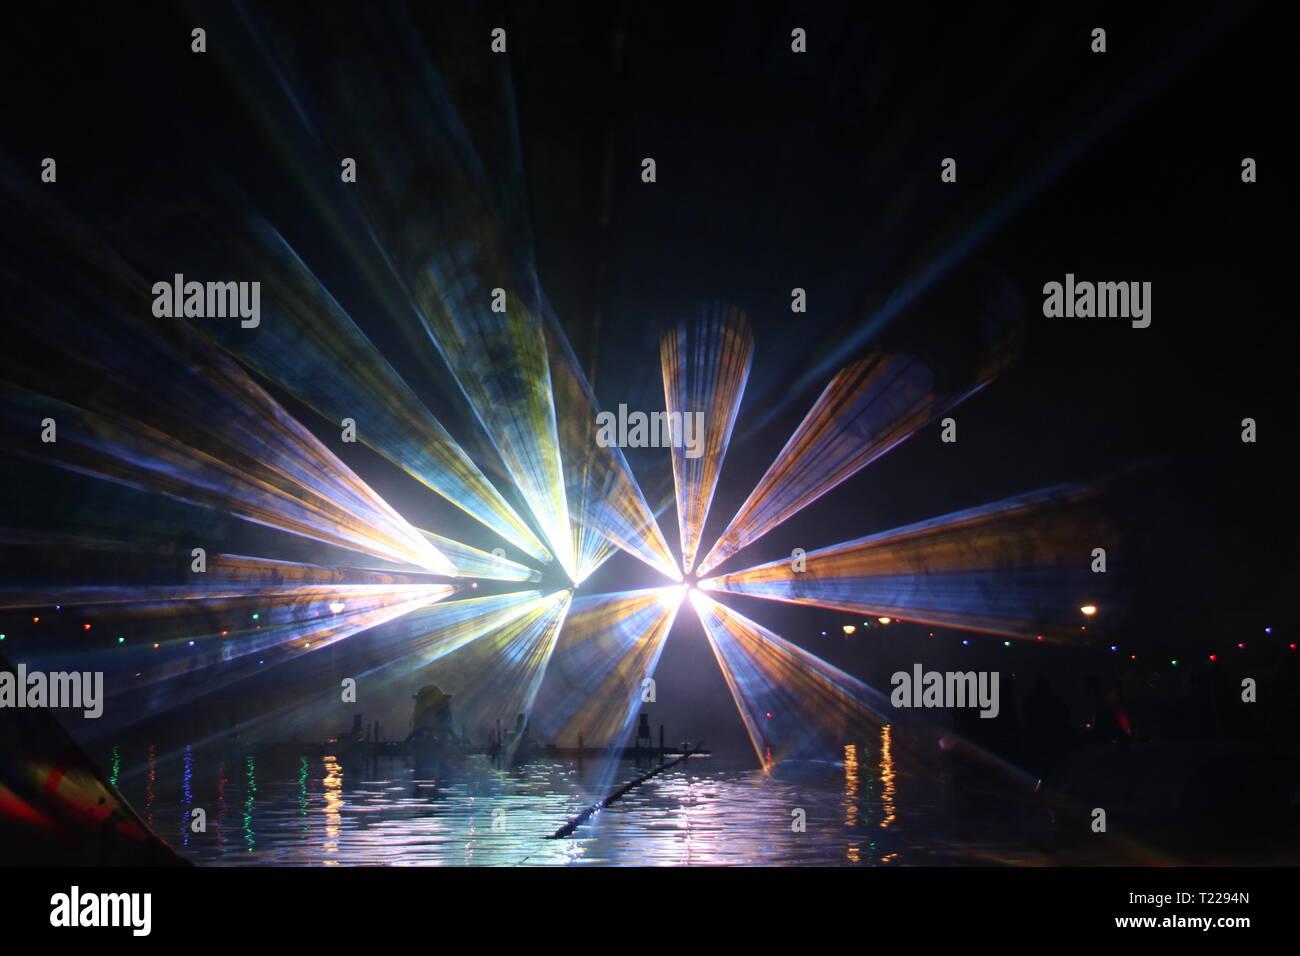 Laserstrahlen während einer öffentlichen zeigen in verschiedenen Farben im Wasser der Ringvaart (Ring Kanal) Zuidplaspolder in Nieuwerkerk aan den IJssel Stockfoto